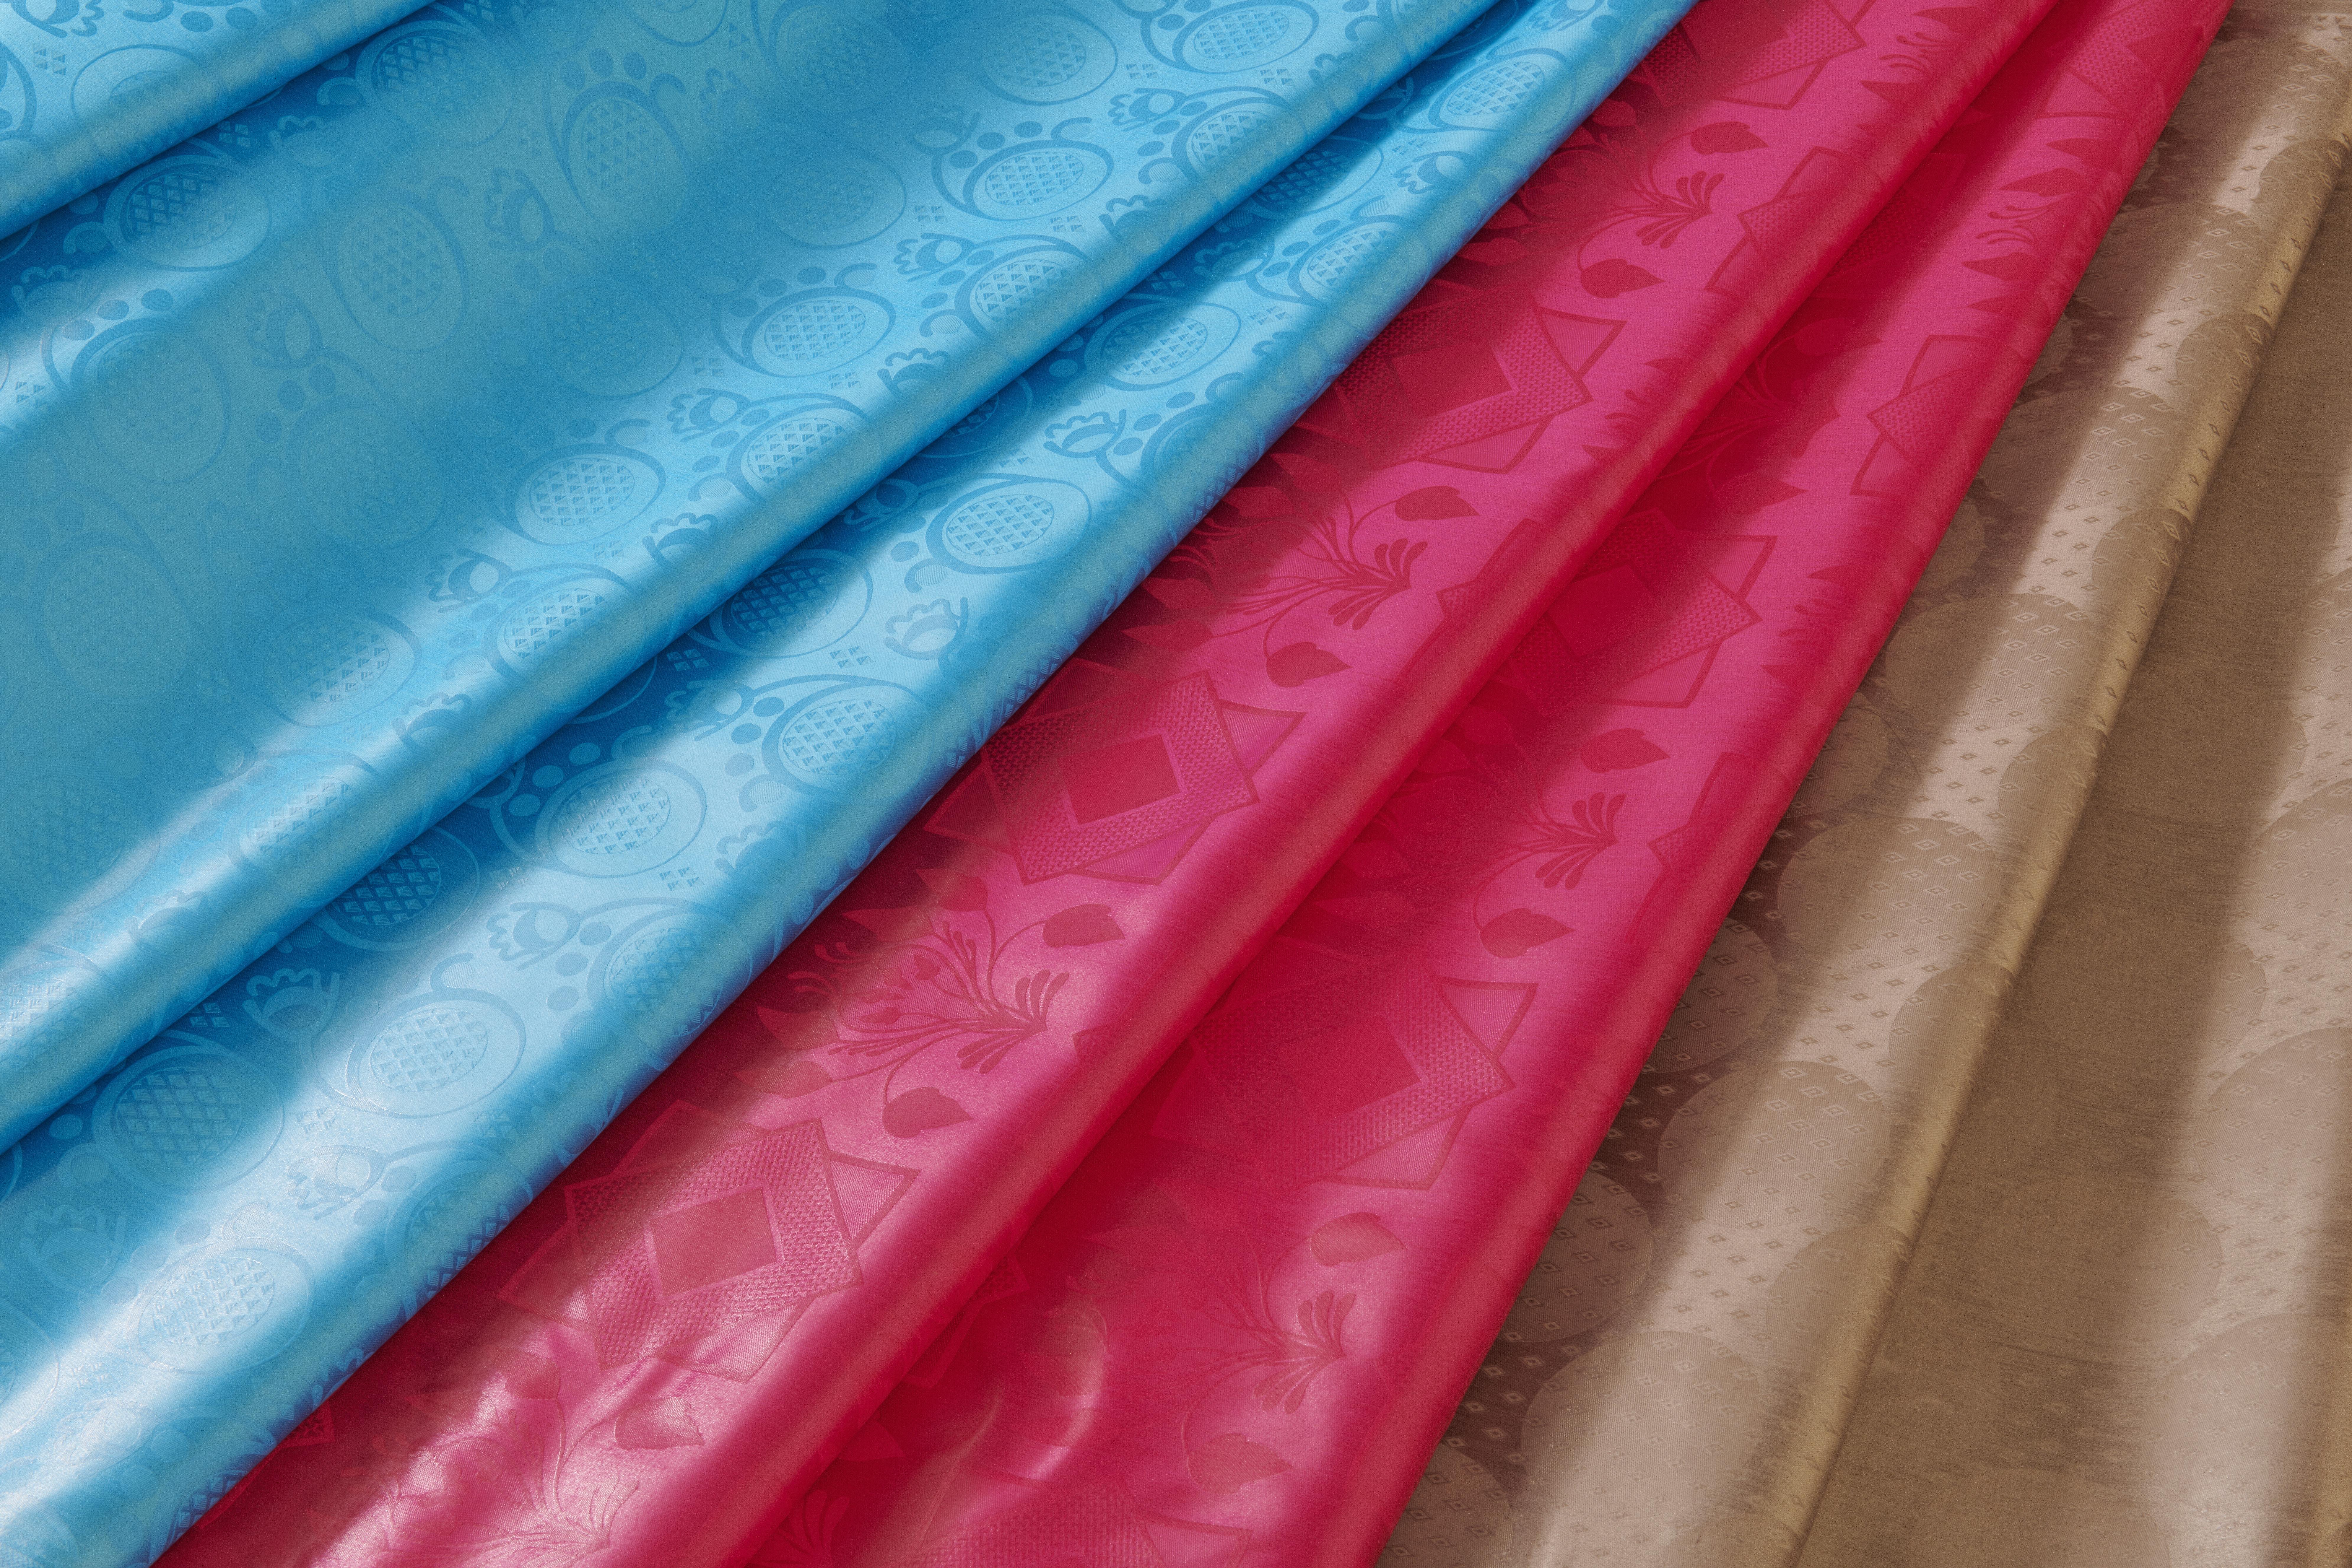 2017-10-16 Fussenegger Textil Produktfotos0158.jpg